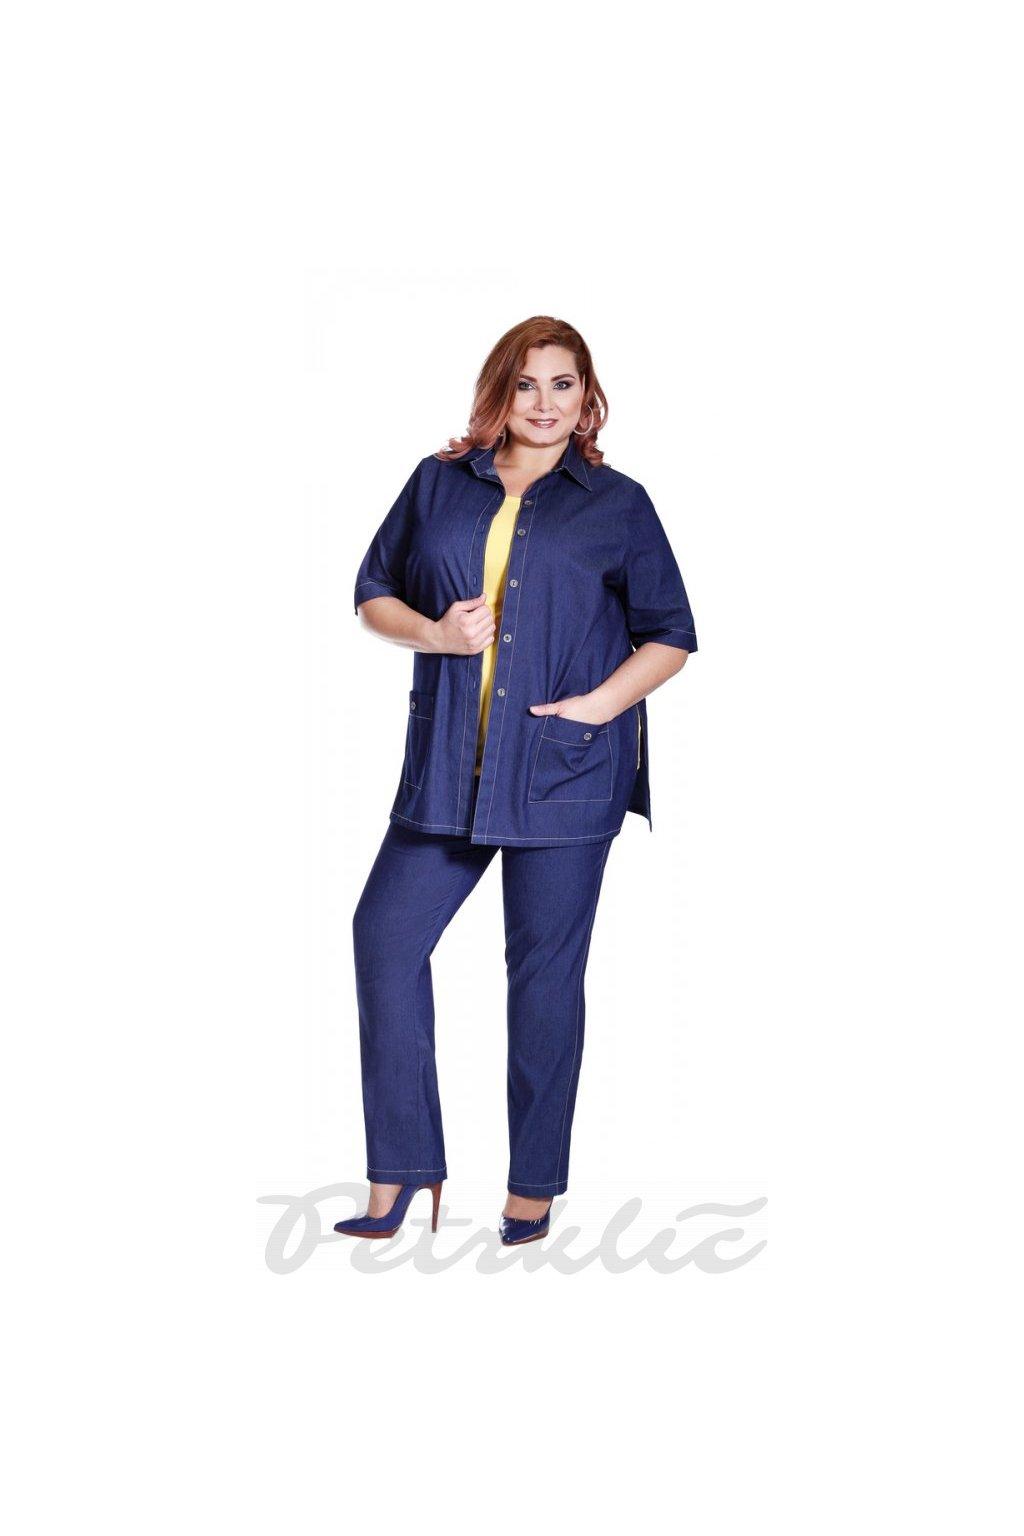 MÁRO - jeansové kalhoty 95 - 100 cm